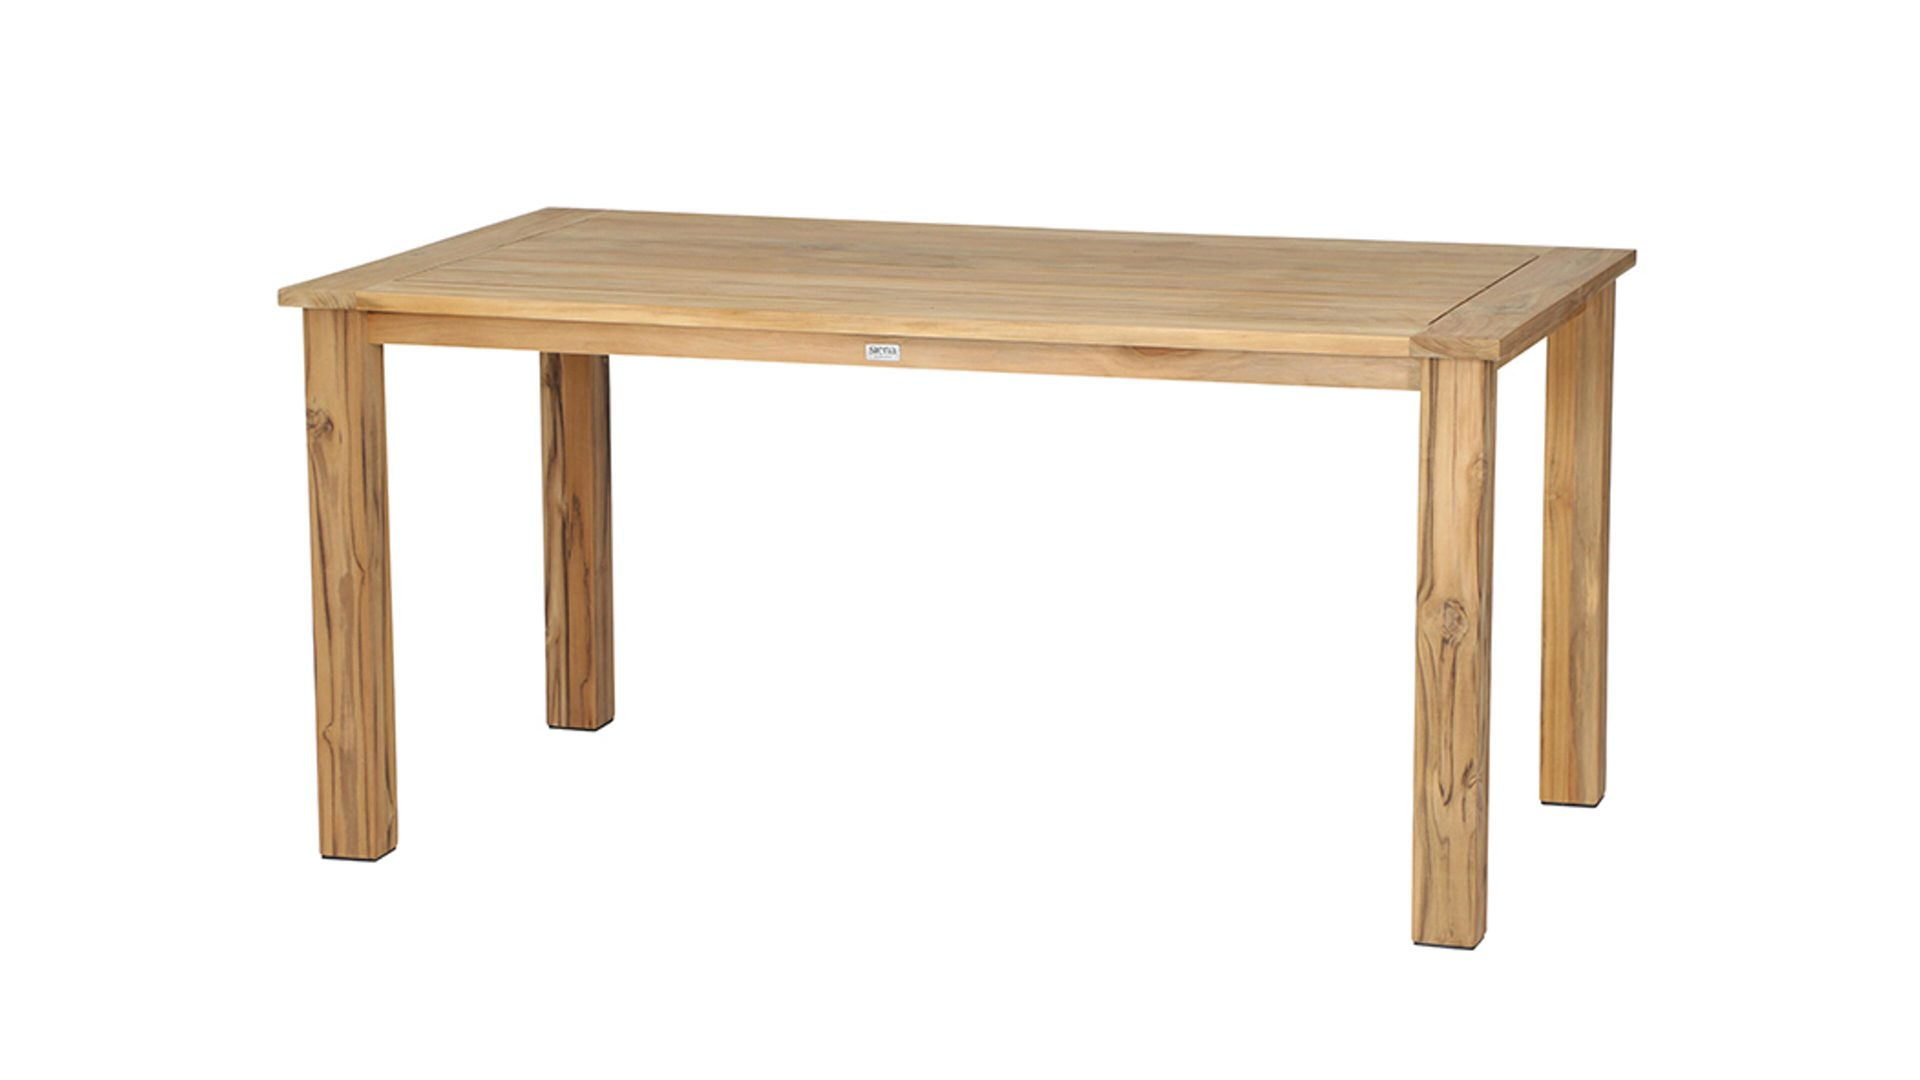 siena GARDEN Dining-Tisch Almada, Teakholz – ca. 160 x 90 cm, Bad ...